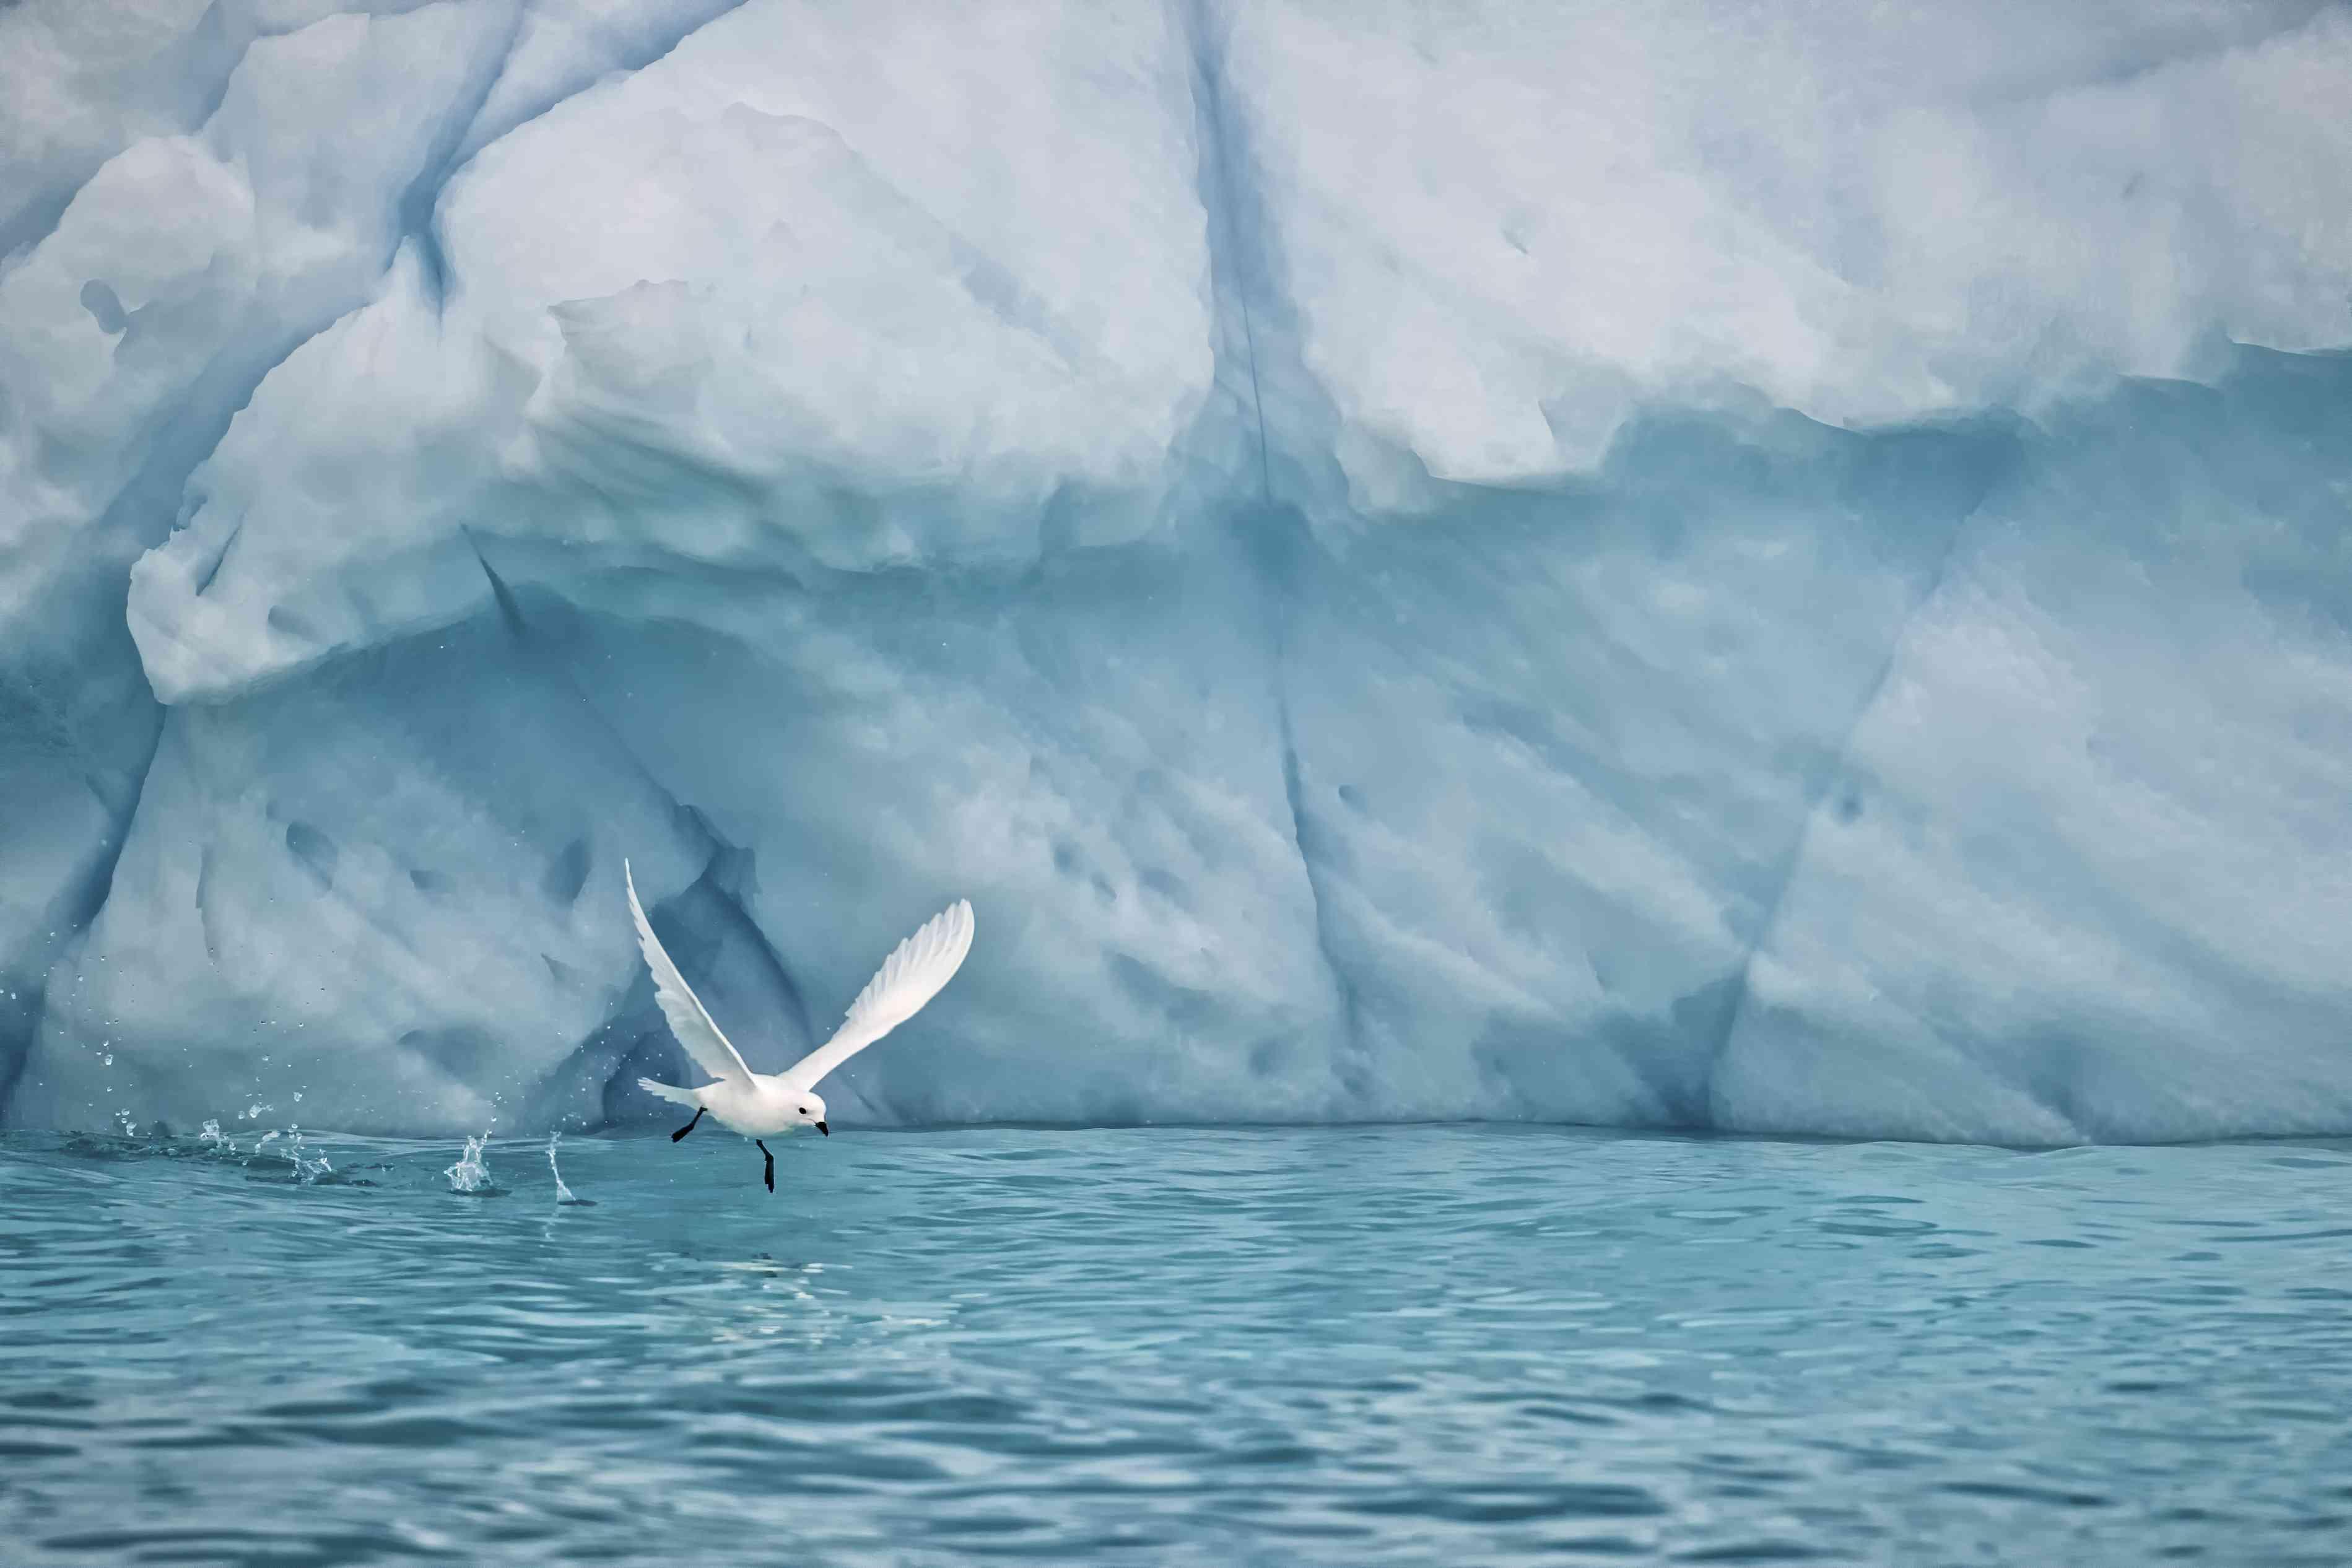 Snow petrel flying low over water in Antarctica.